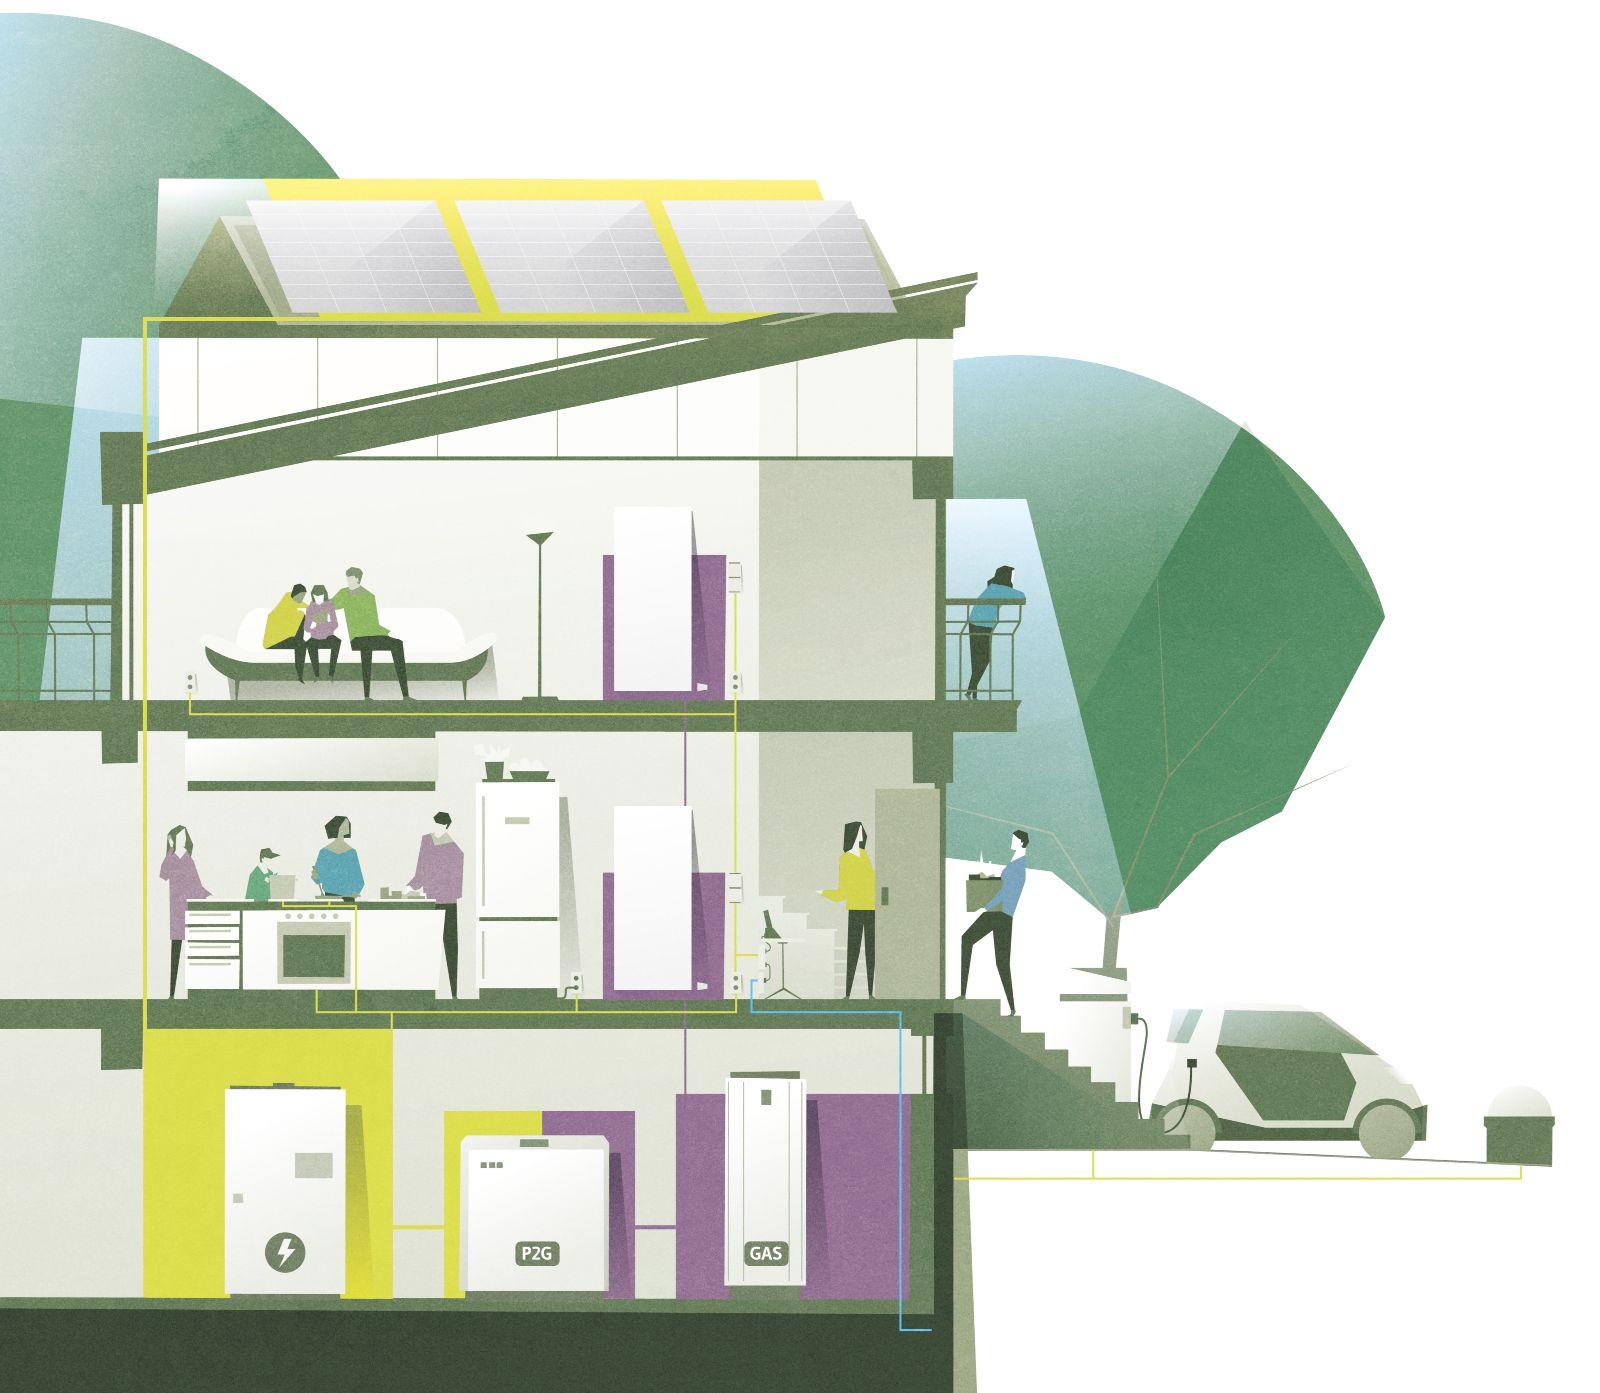 Die Grafik zeigt den Querschnitt eines Einfamilienhauses mit einem Energiespeicher im Keller und Solarzellen auf dem Dach.